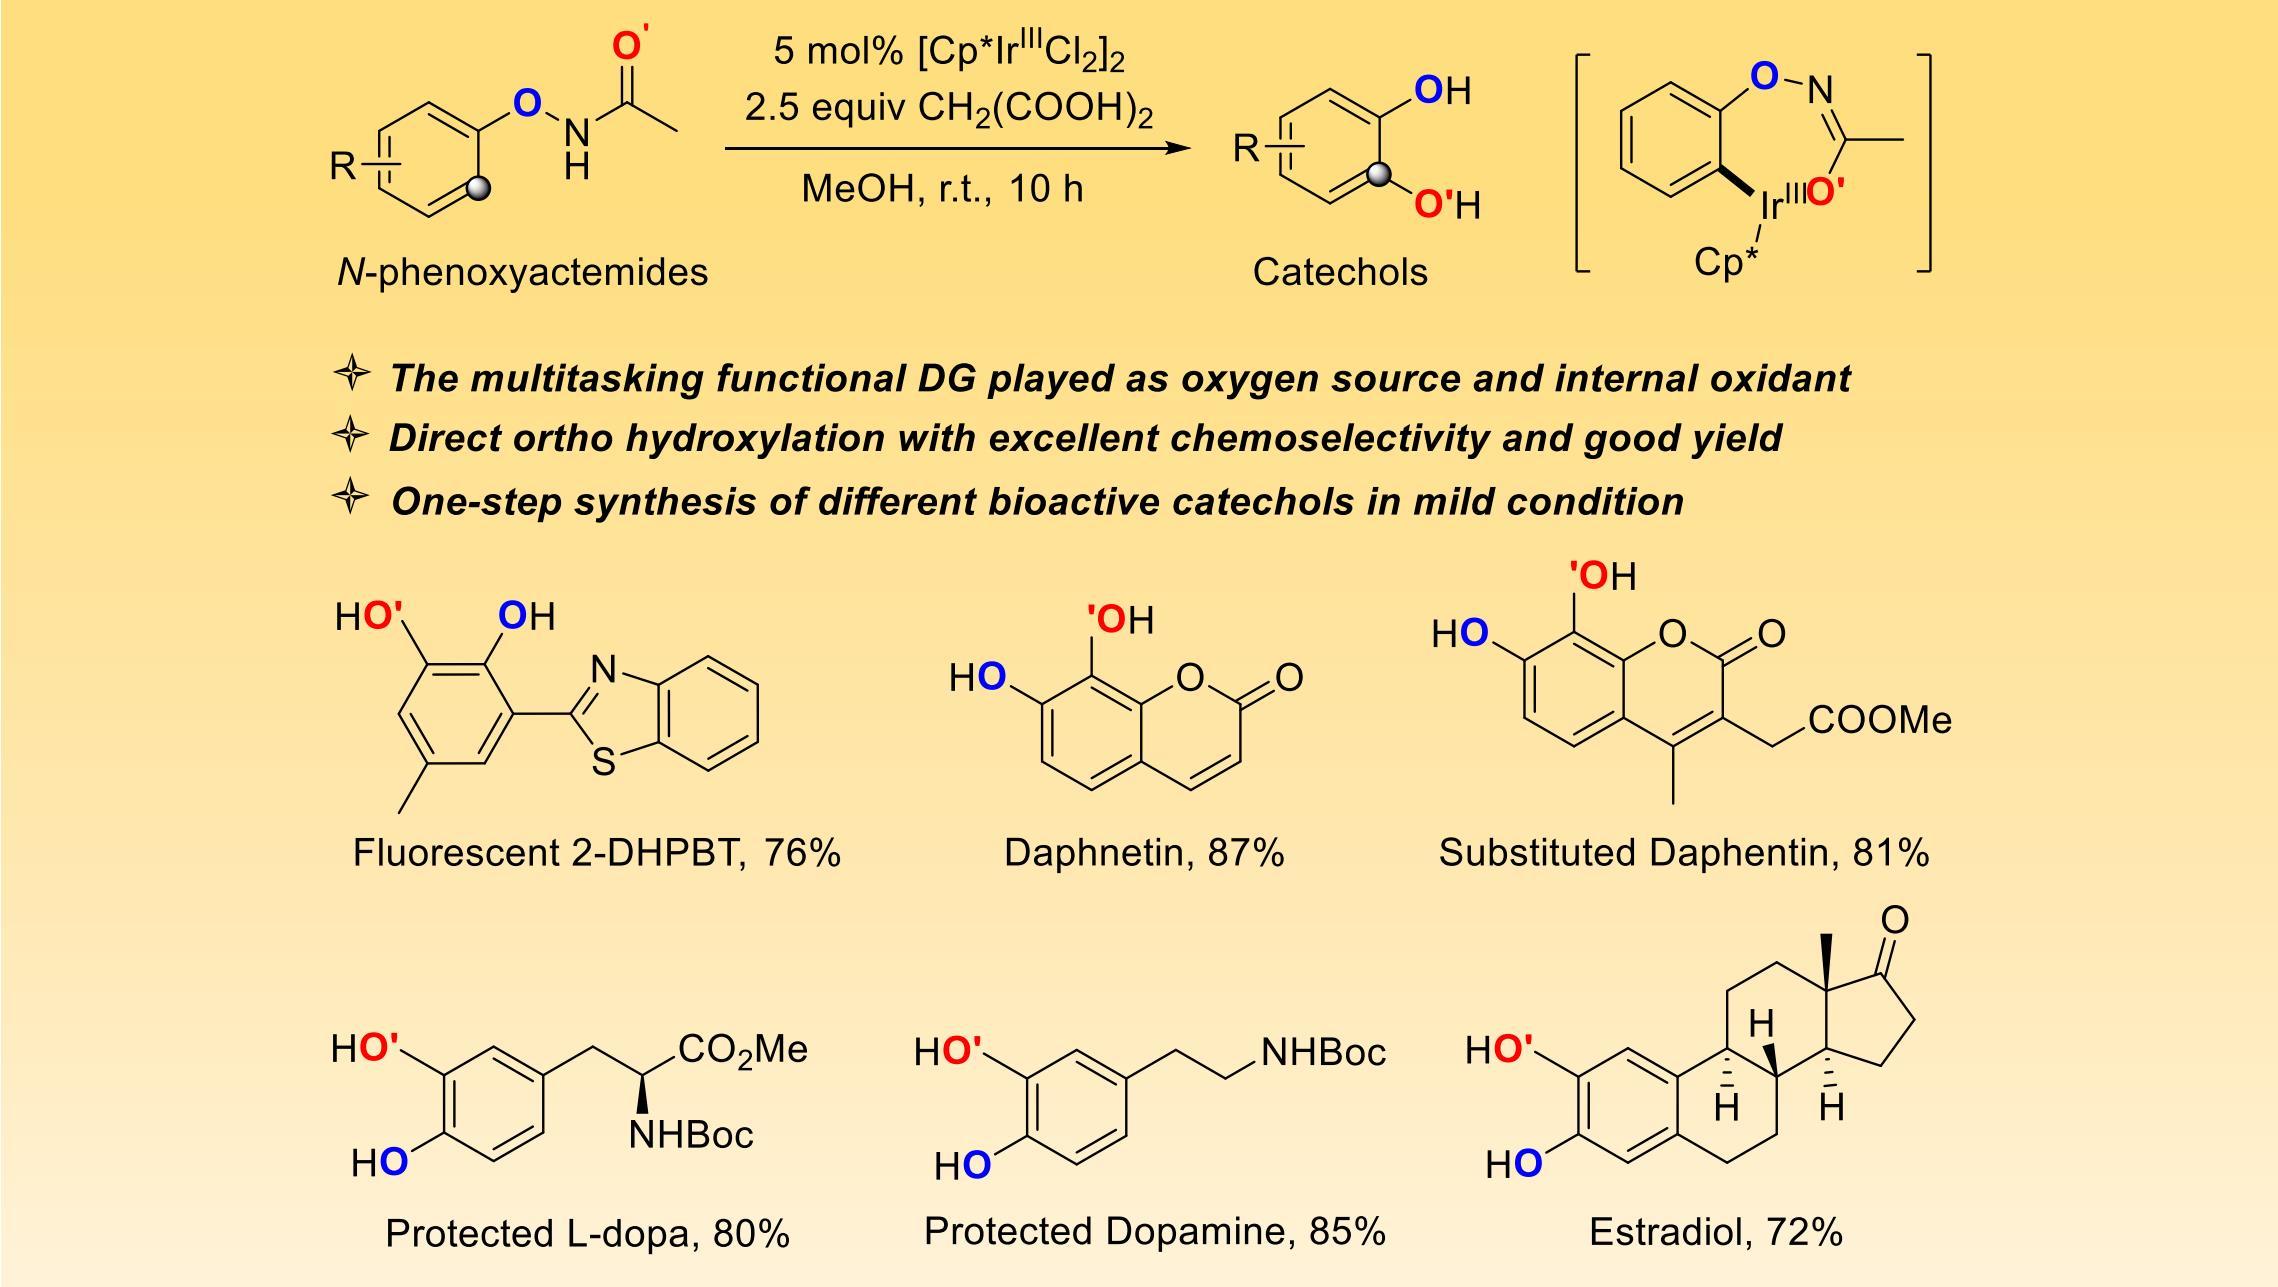 赵劲课题组发展温和条件下一步合成邻苯二酚类化合物新策略